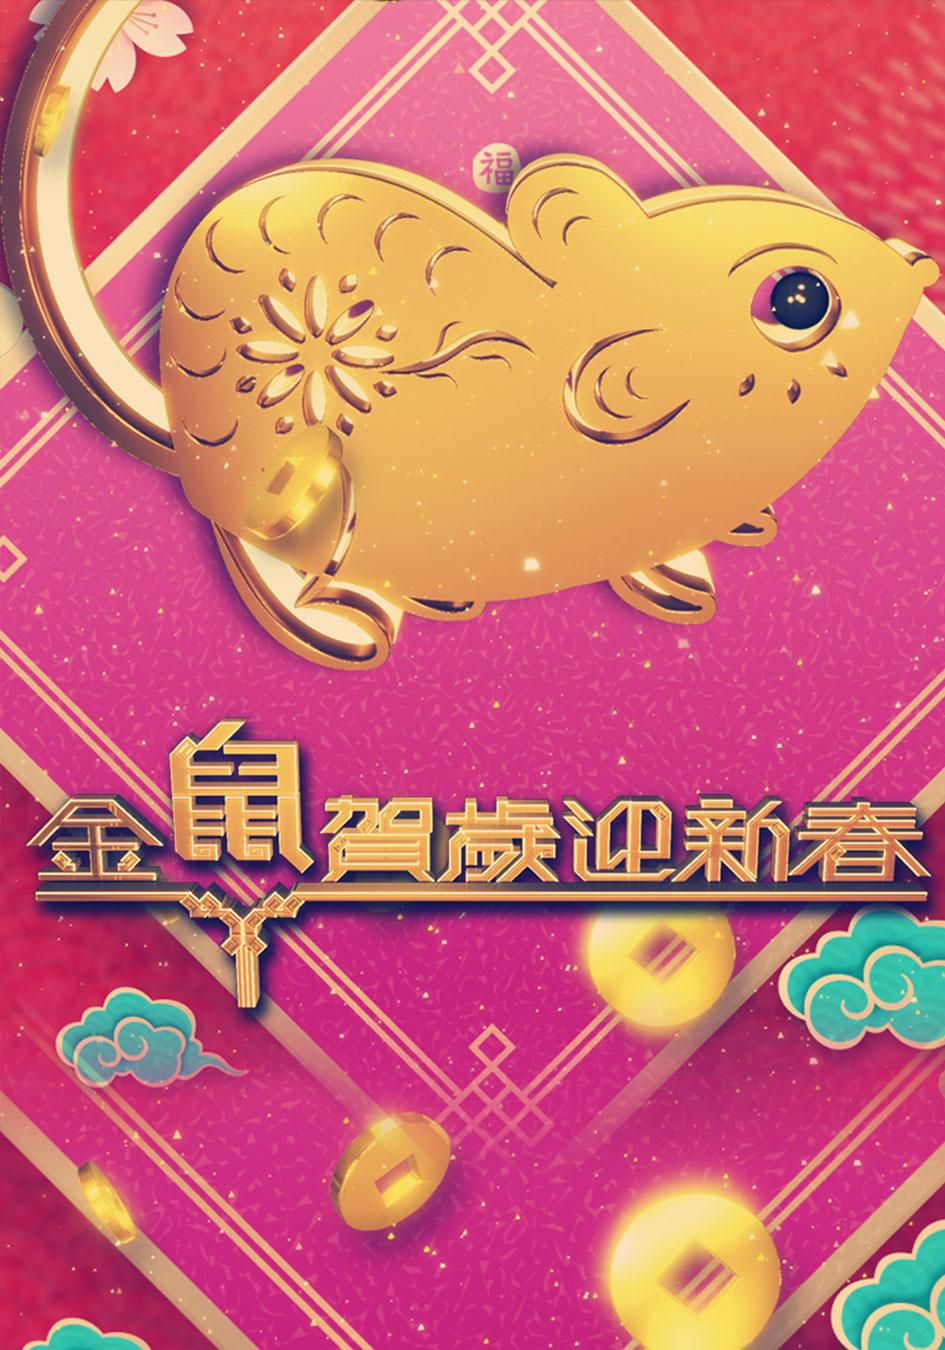 金鼠賀歲迎新春-CNY Daytime Special 2020